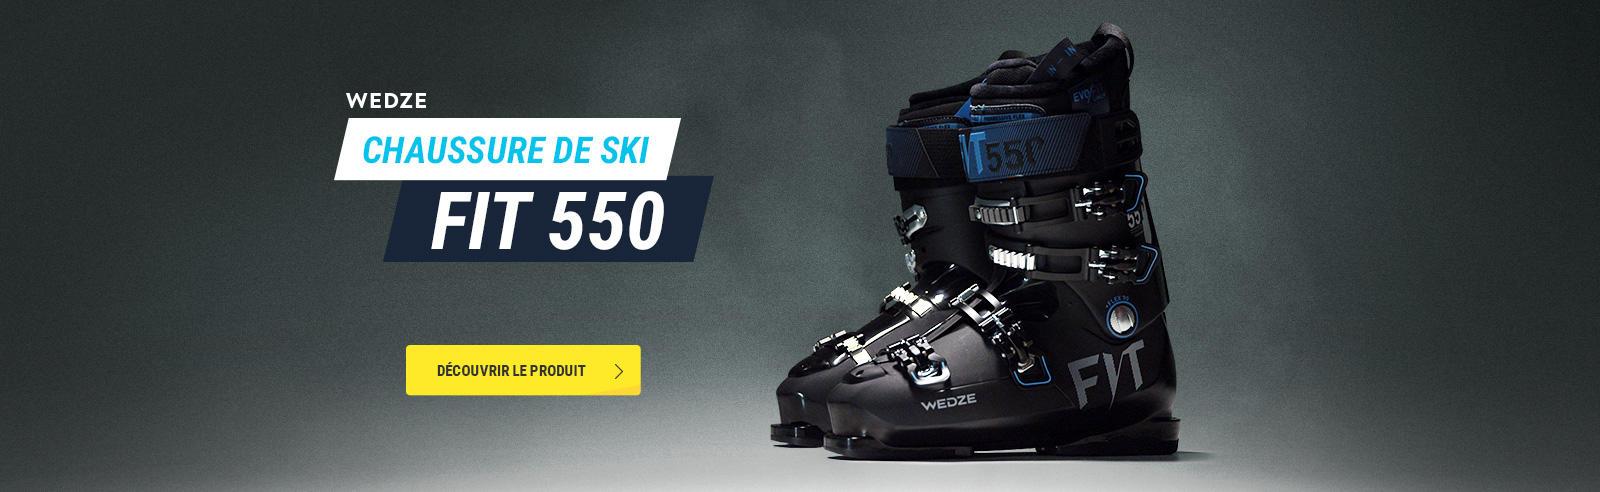 chaussure de ski FIT 550